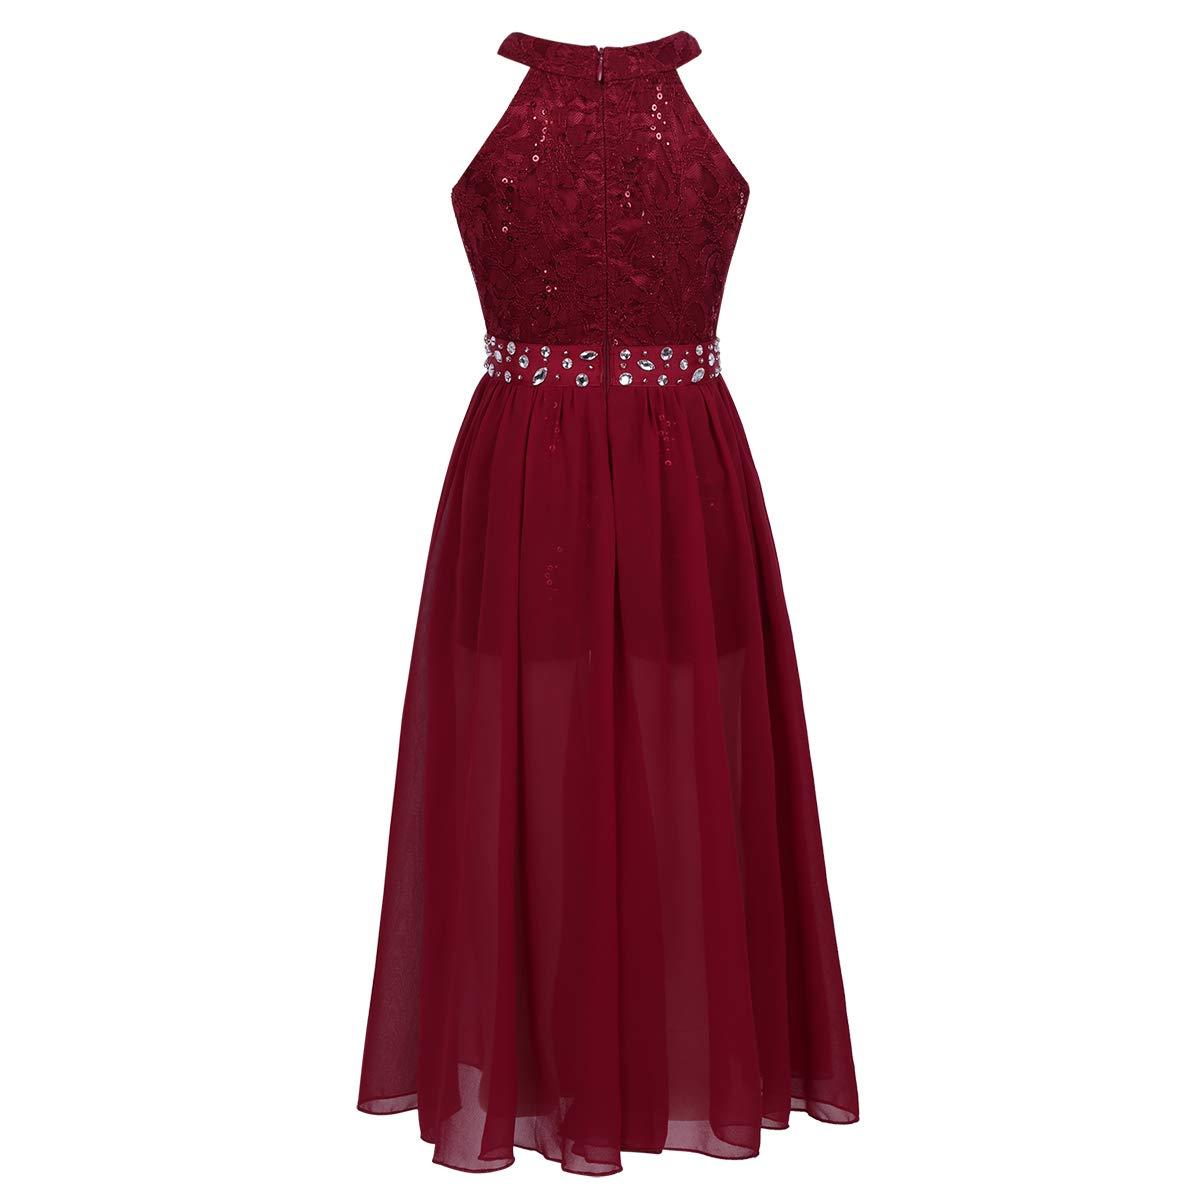 4547d51e48908 Freebily Robe Princesse Enfant Fille Robe de Mariage Cérémonie Robe de  Demoiselle dhonneur Paillettes Robe de ...